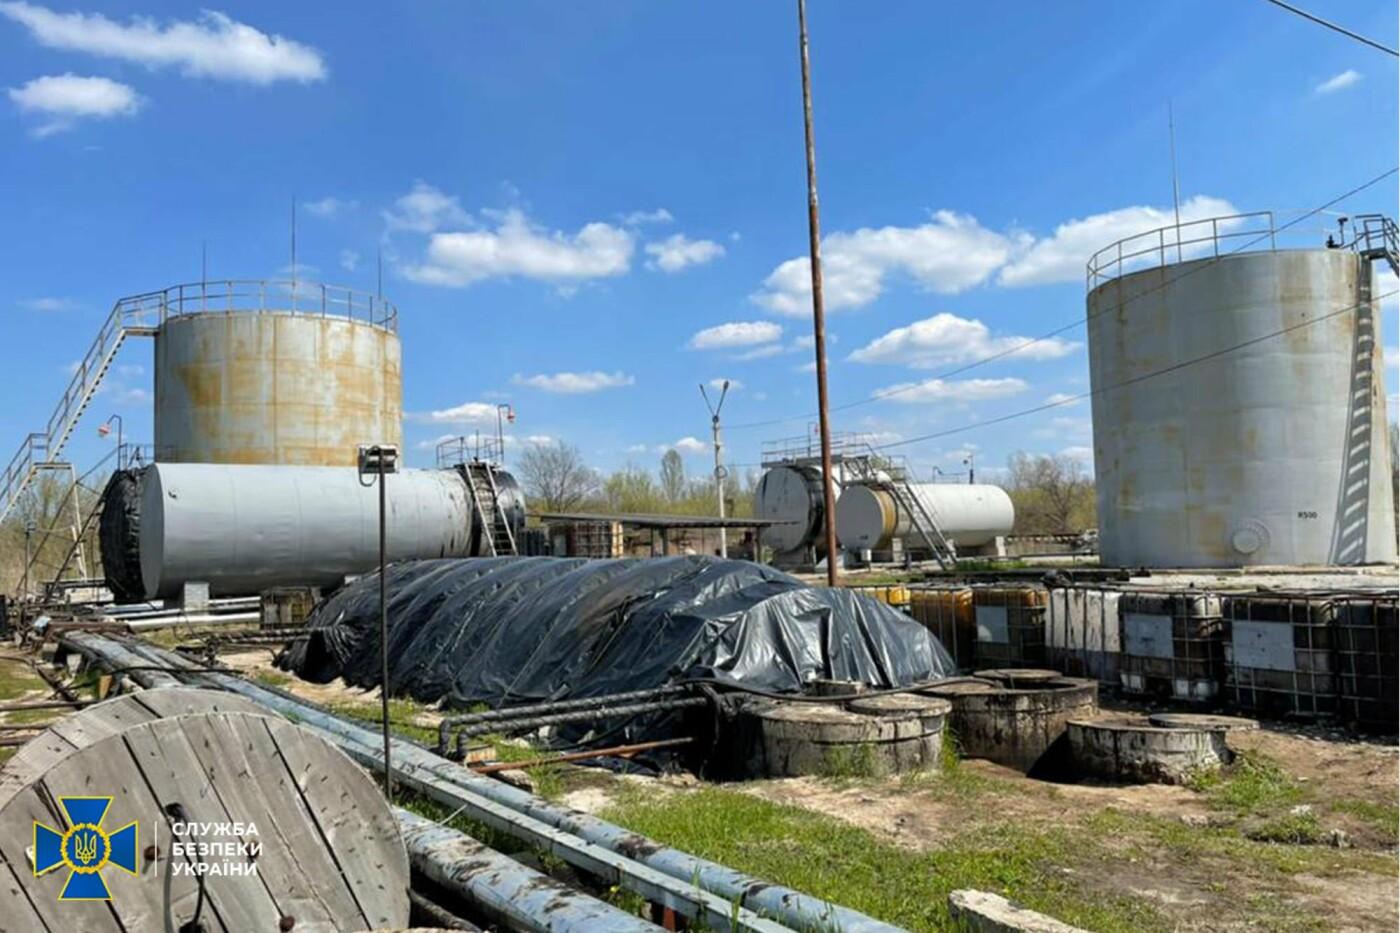 Миллионный оборот: в Днепре прикрыли нелегальный топливный завод, - ФОТО, фото-3